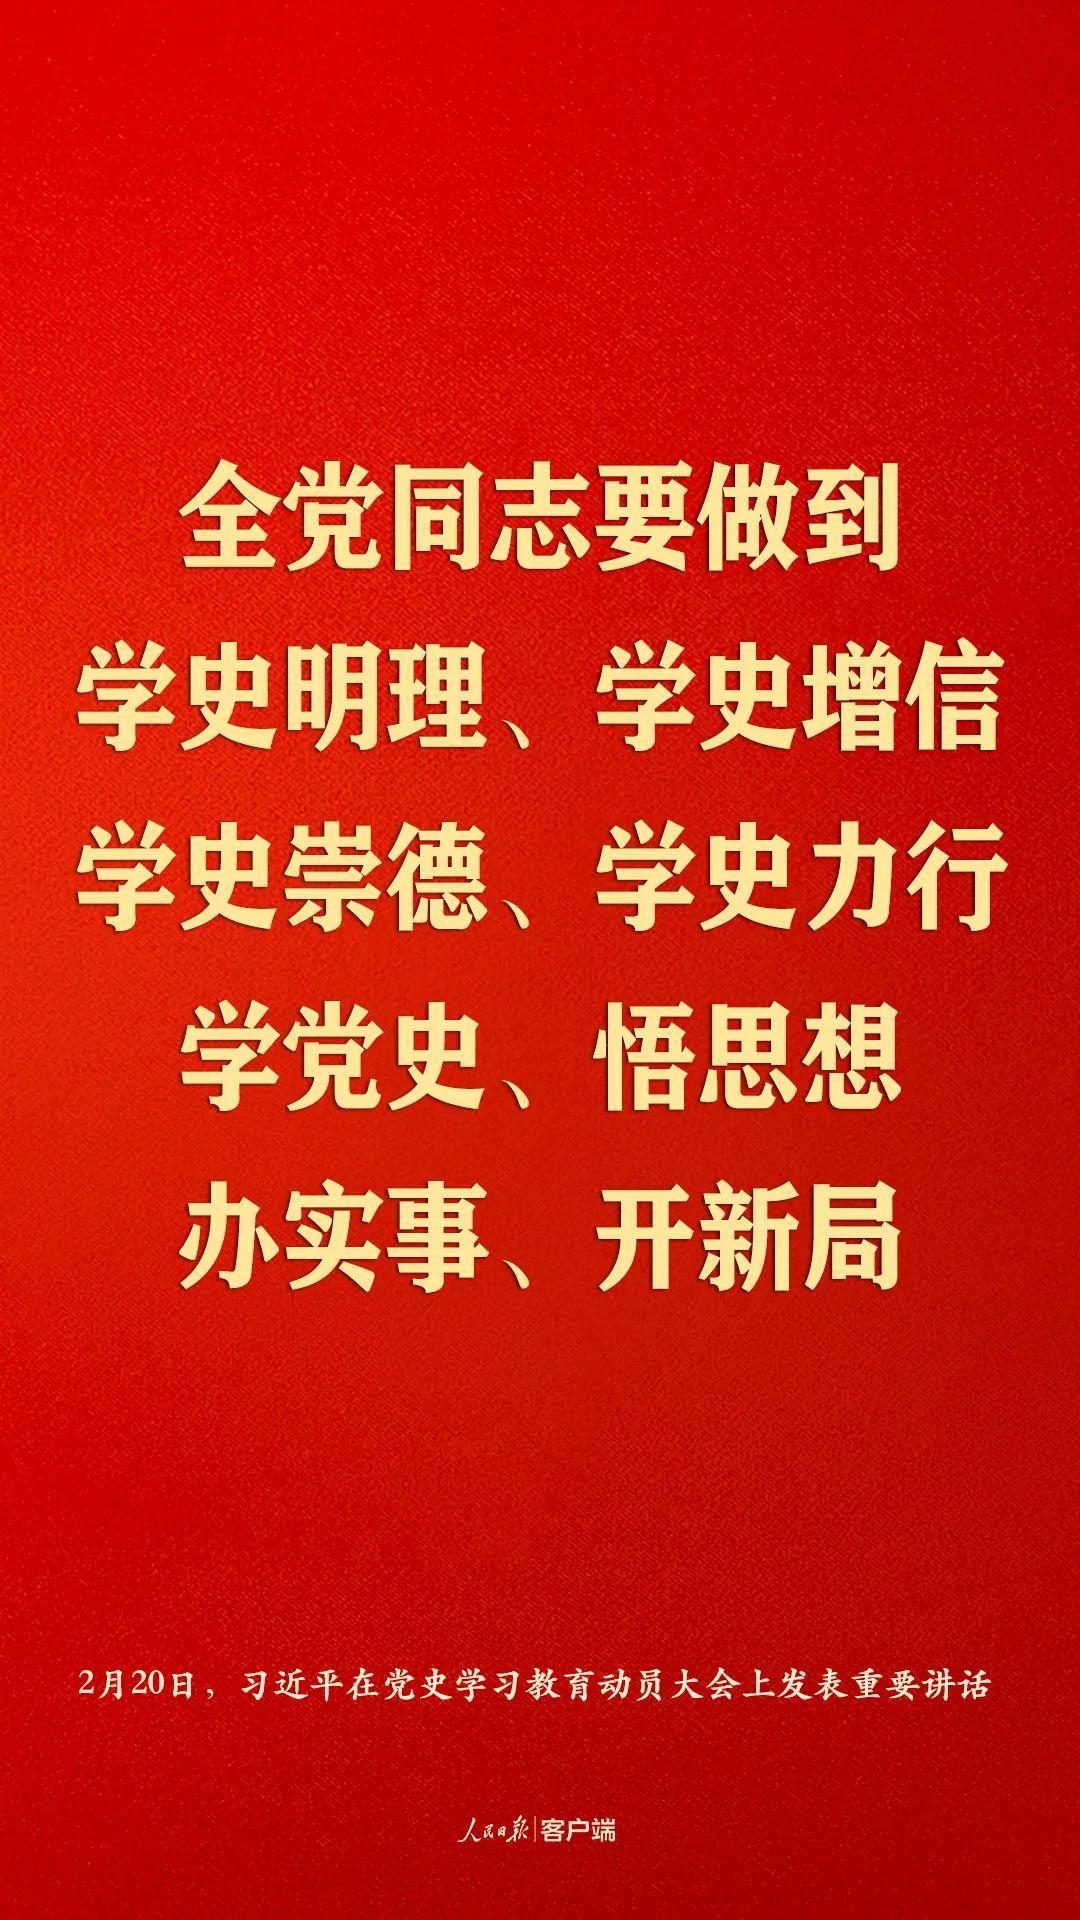 习近平:江山就是人民 人民就是江山图片